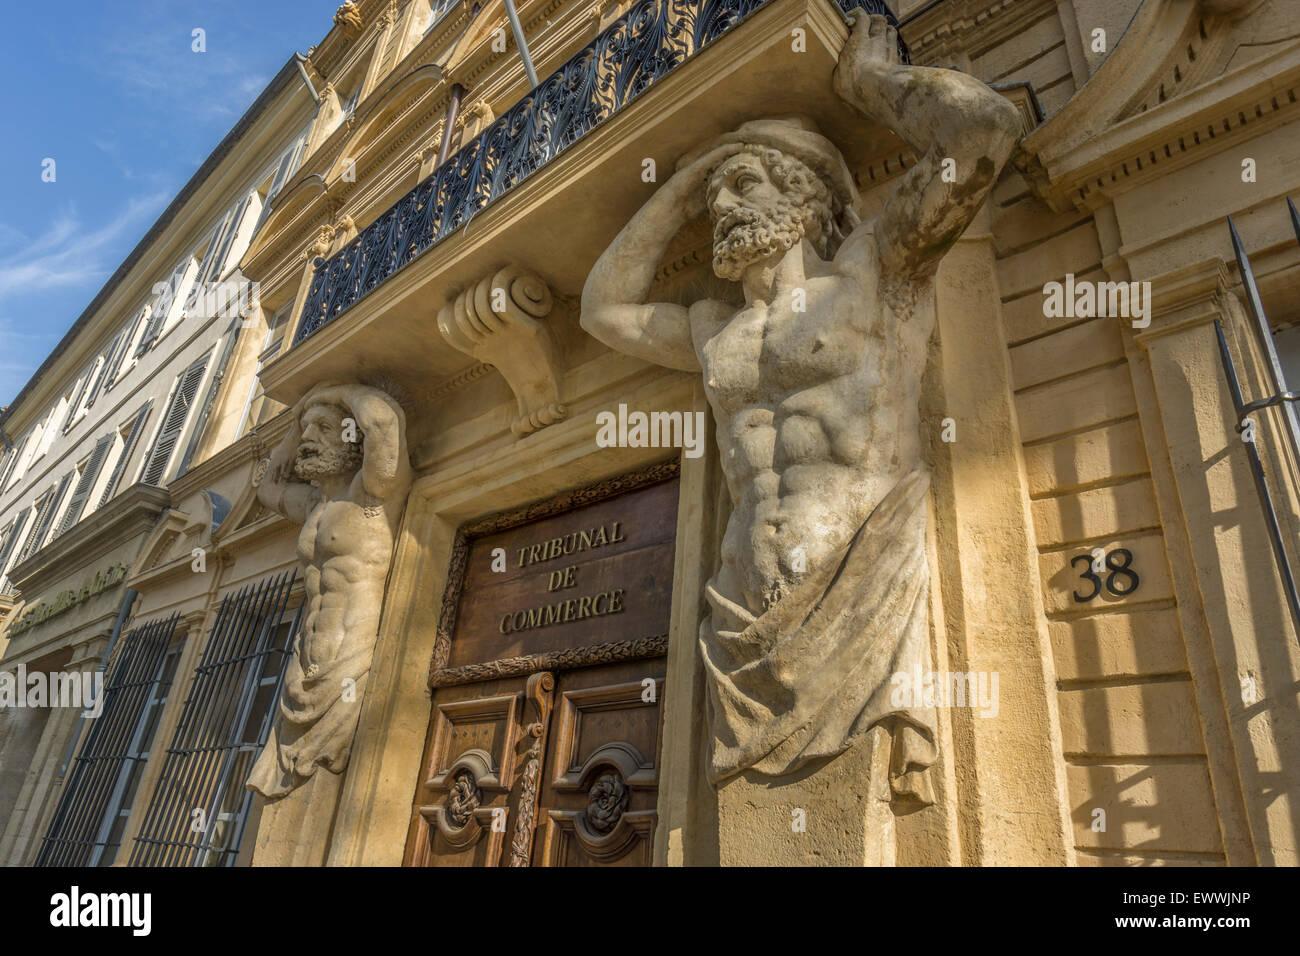 Dorway with caryatids, Tribunal de Commerce, Atlas Figures,   Cours Mirabeau, Aix-en-Provence, Bouches-du-Rhone - Stock Image